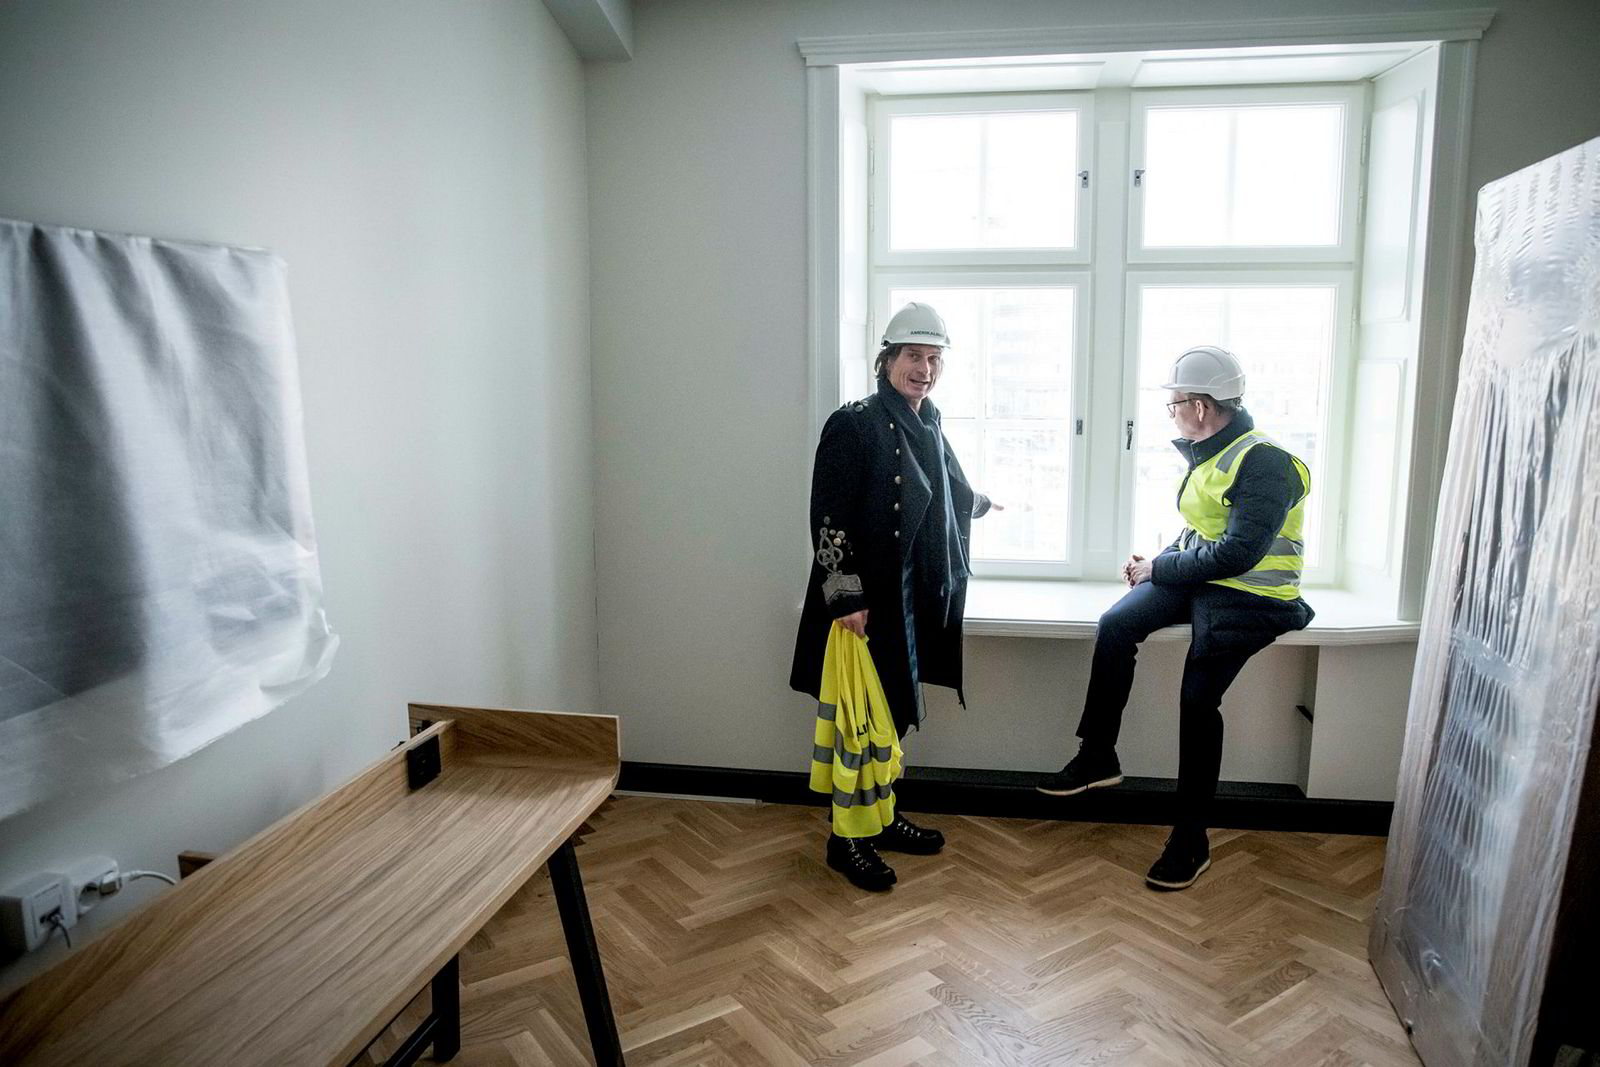 Hotellinvestor Petter Stordalen sammen med Torgeir Silseth, administrerende direktør i Nordic Choice Hotels på Hotel Amerikalinjen som ligger på Jernbanetorget.